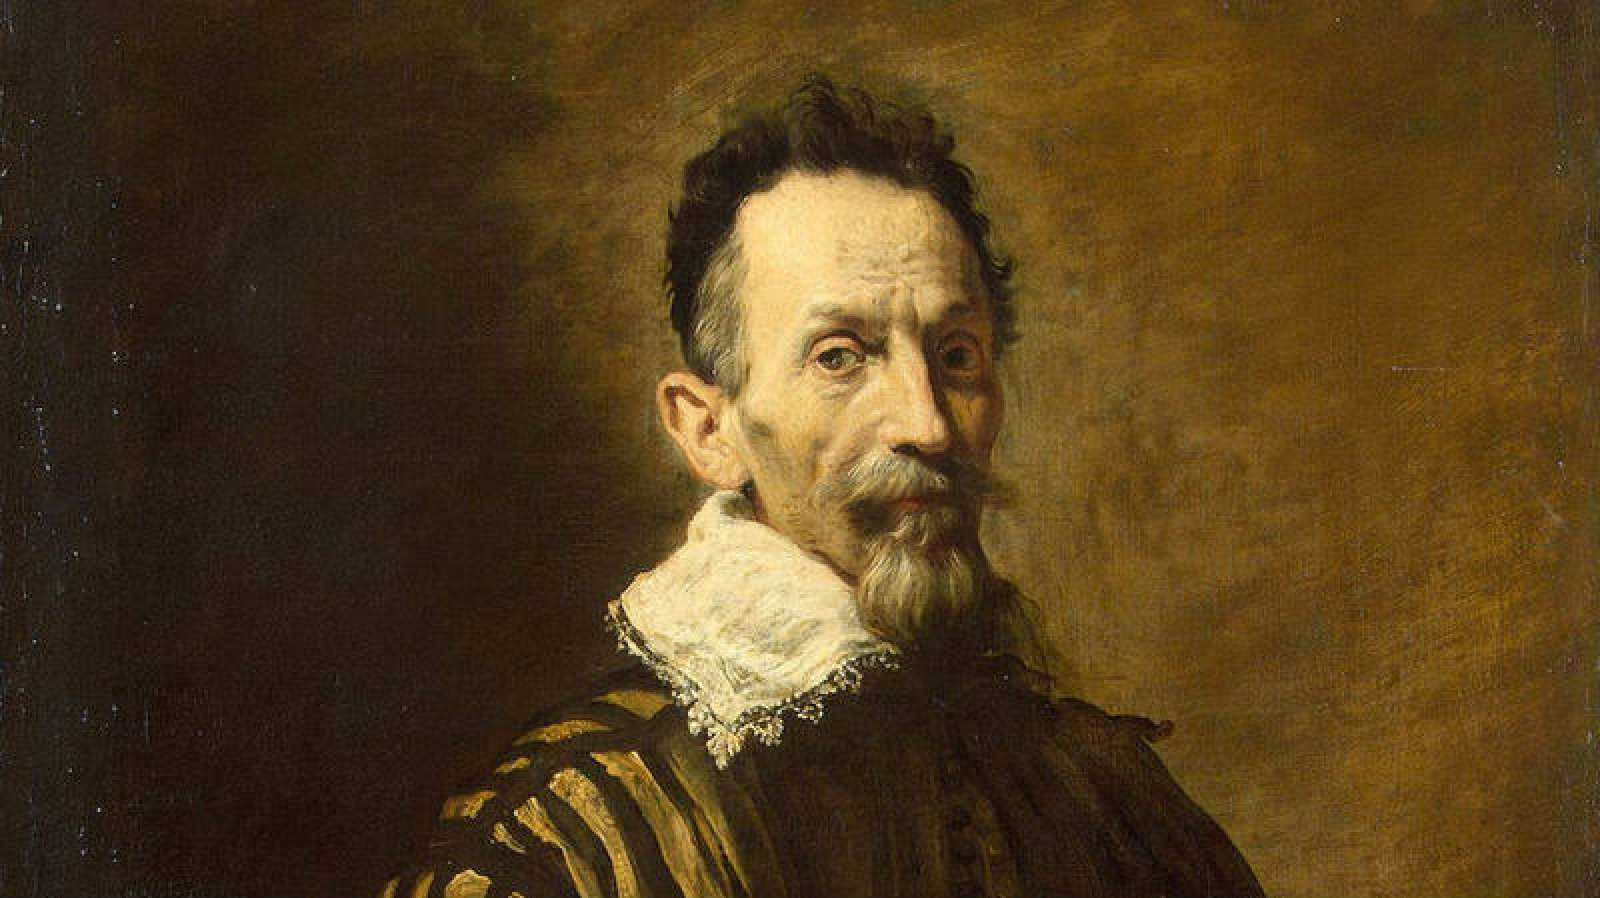 Conciertos de Transbaroque: Monteverdi, 450 Aniversario